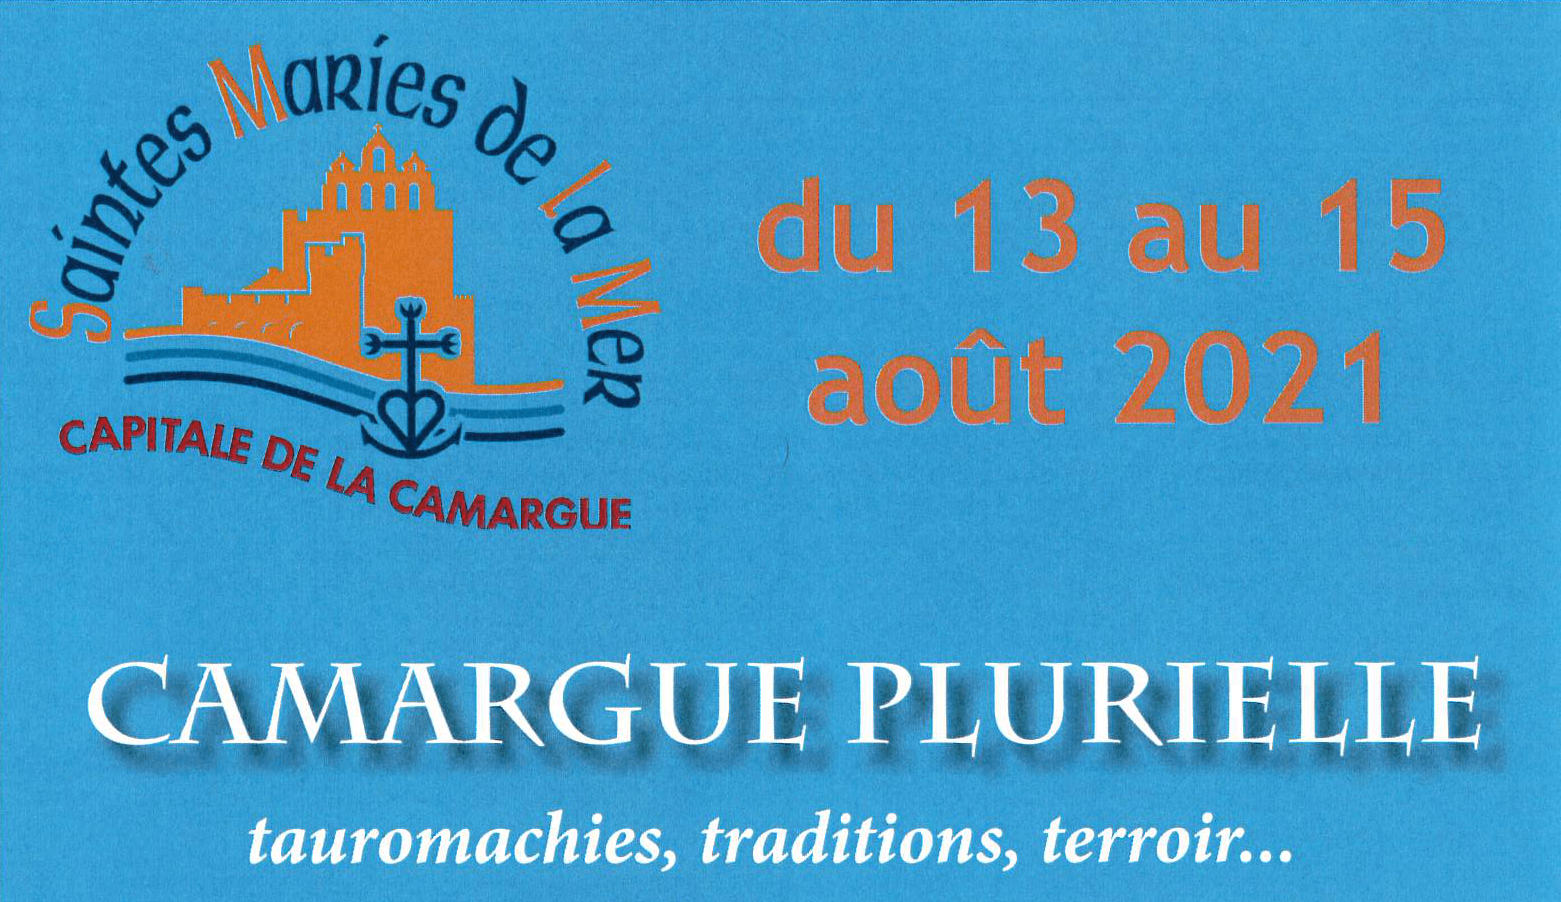 Camargue Plurielle 2021 aux Saintes Maries de la Mer